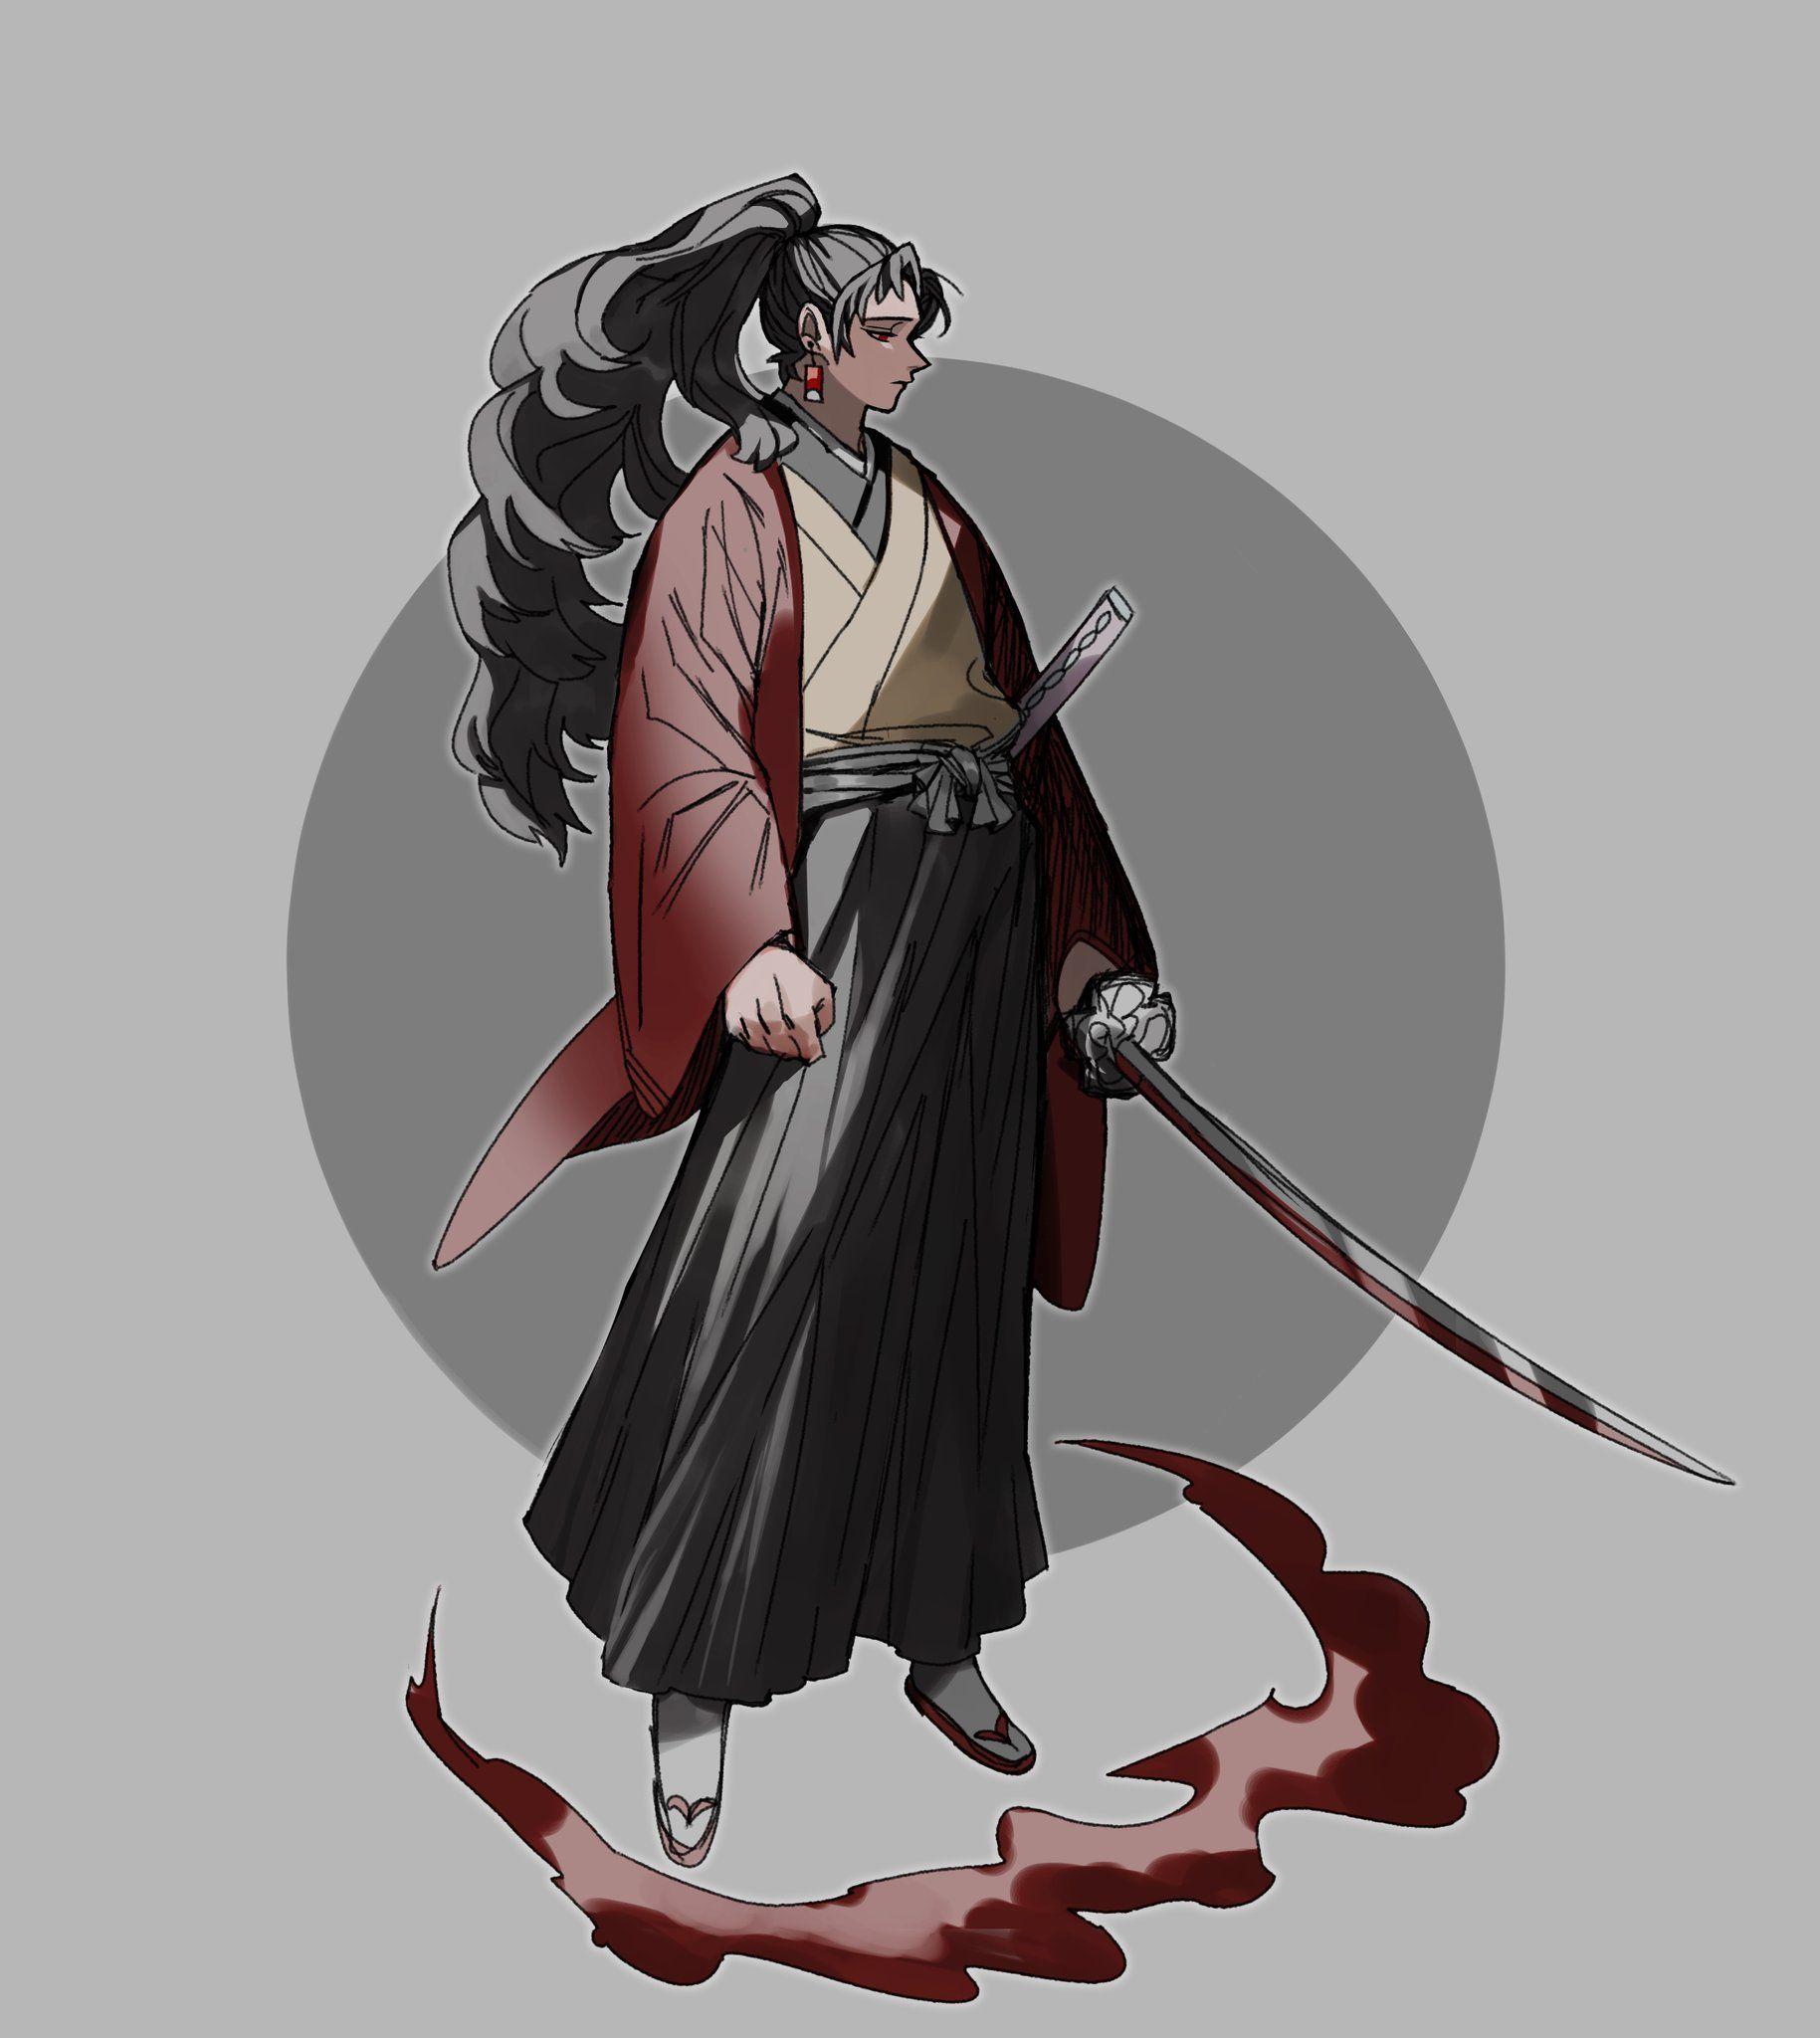 Twitter Anime demon, Slayer anime, Demon hunter